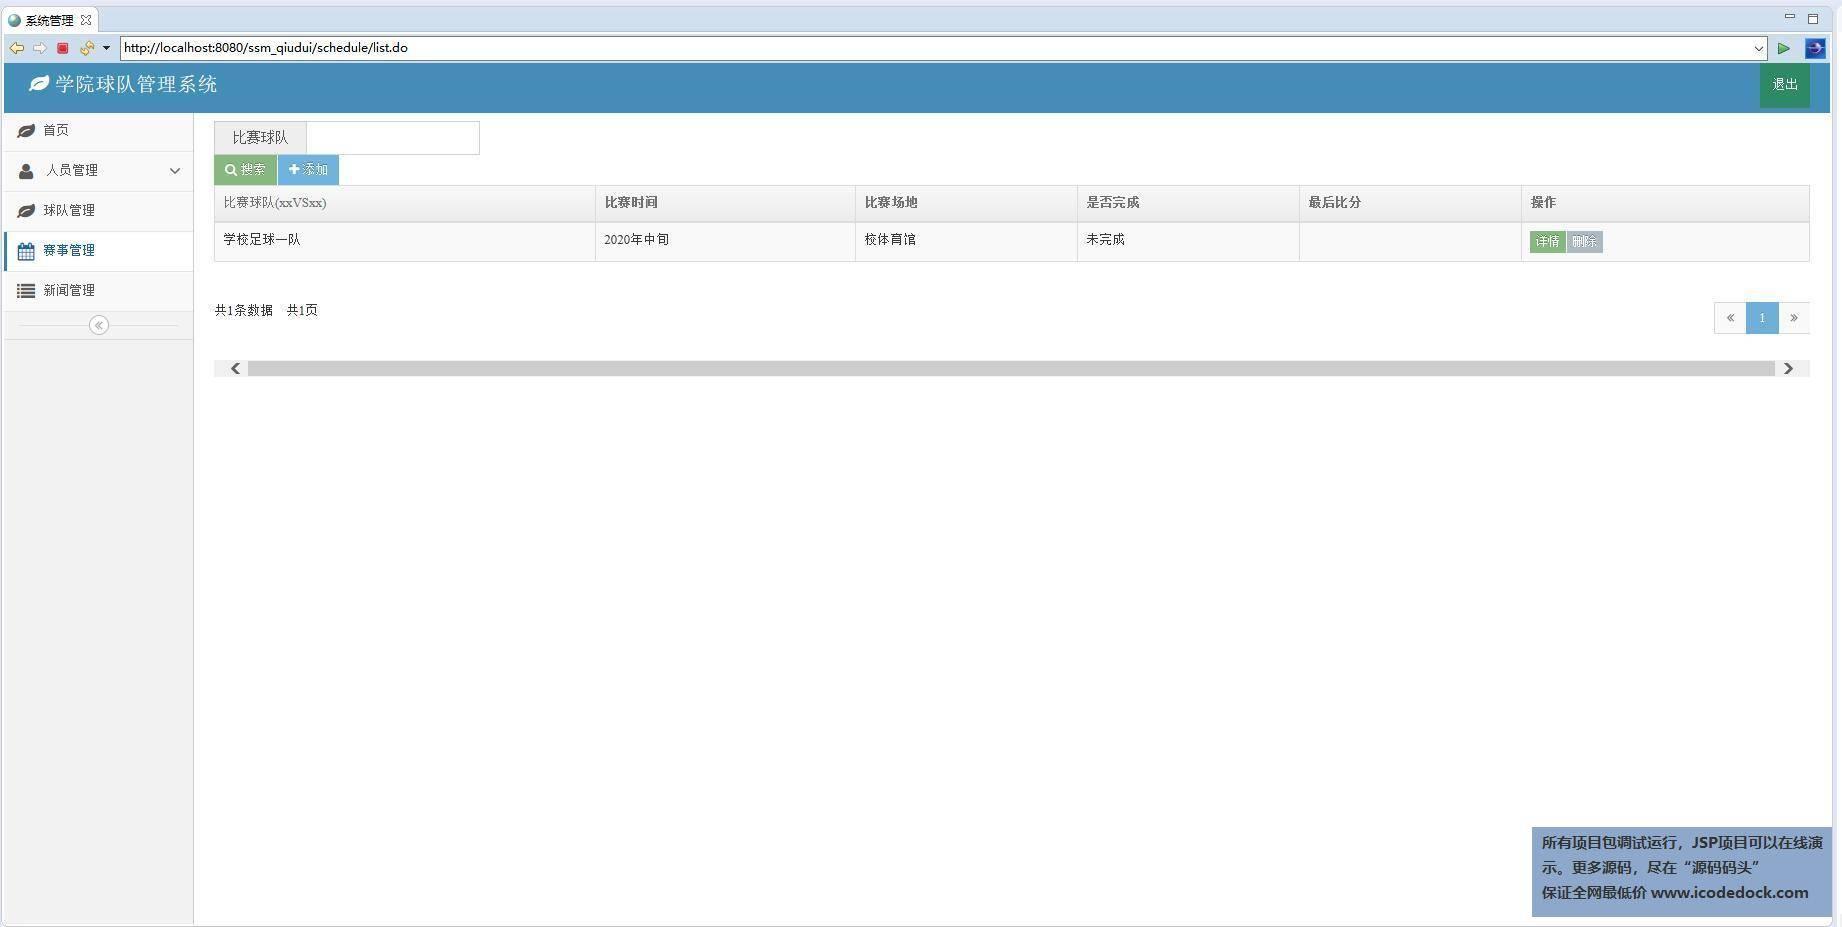 源码码头-SSM球队管理系统-管理员角色-赛事管理